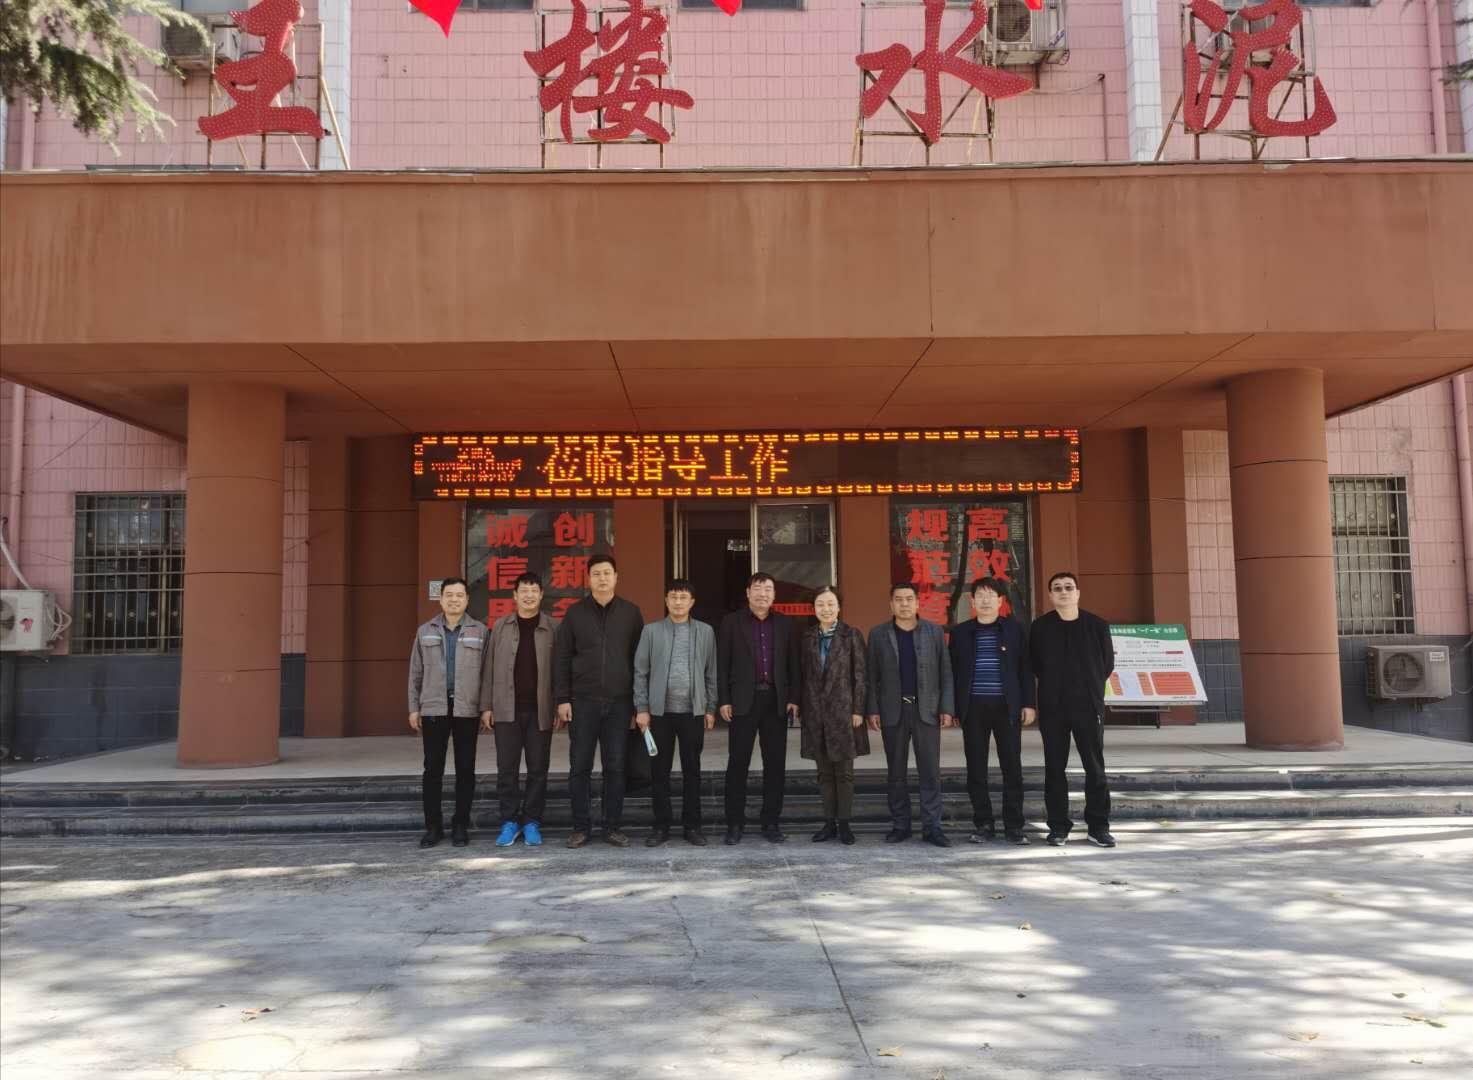 熱烈慶祝鄭州市王樓水泥工業有限公司2020年民生供暖驗收圓滿成功!